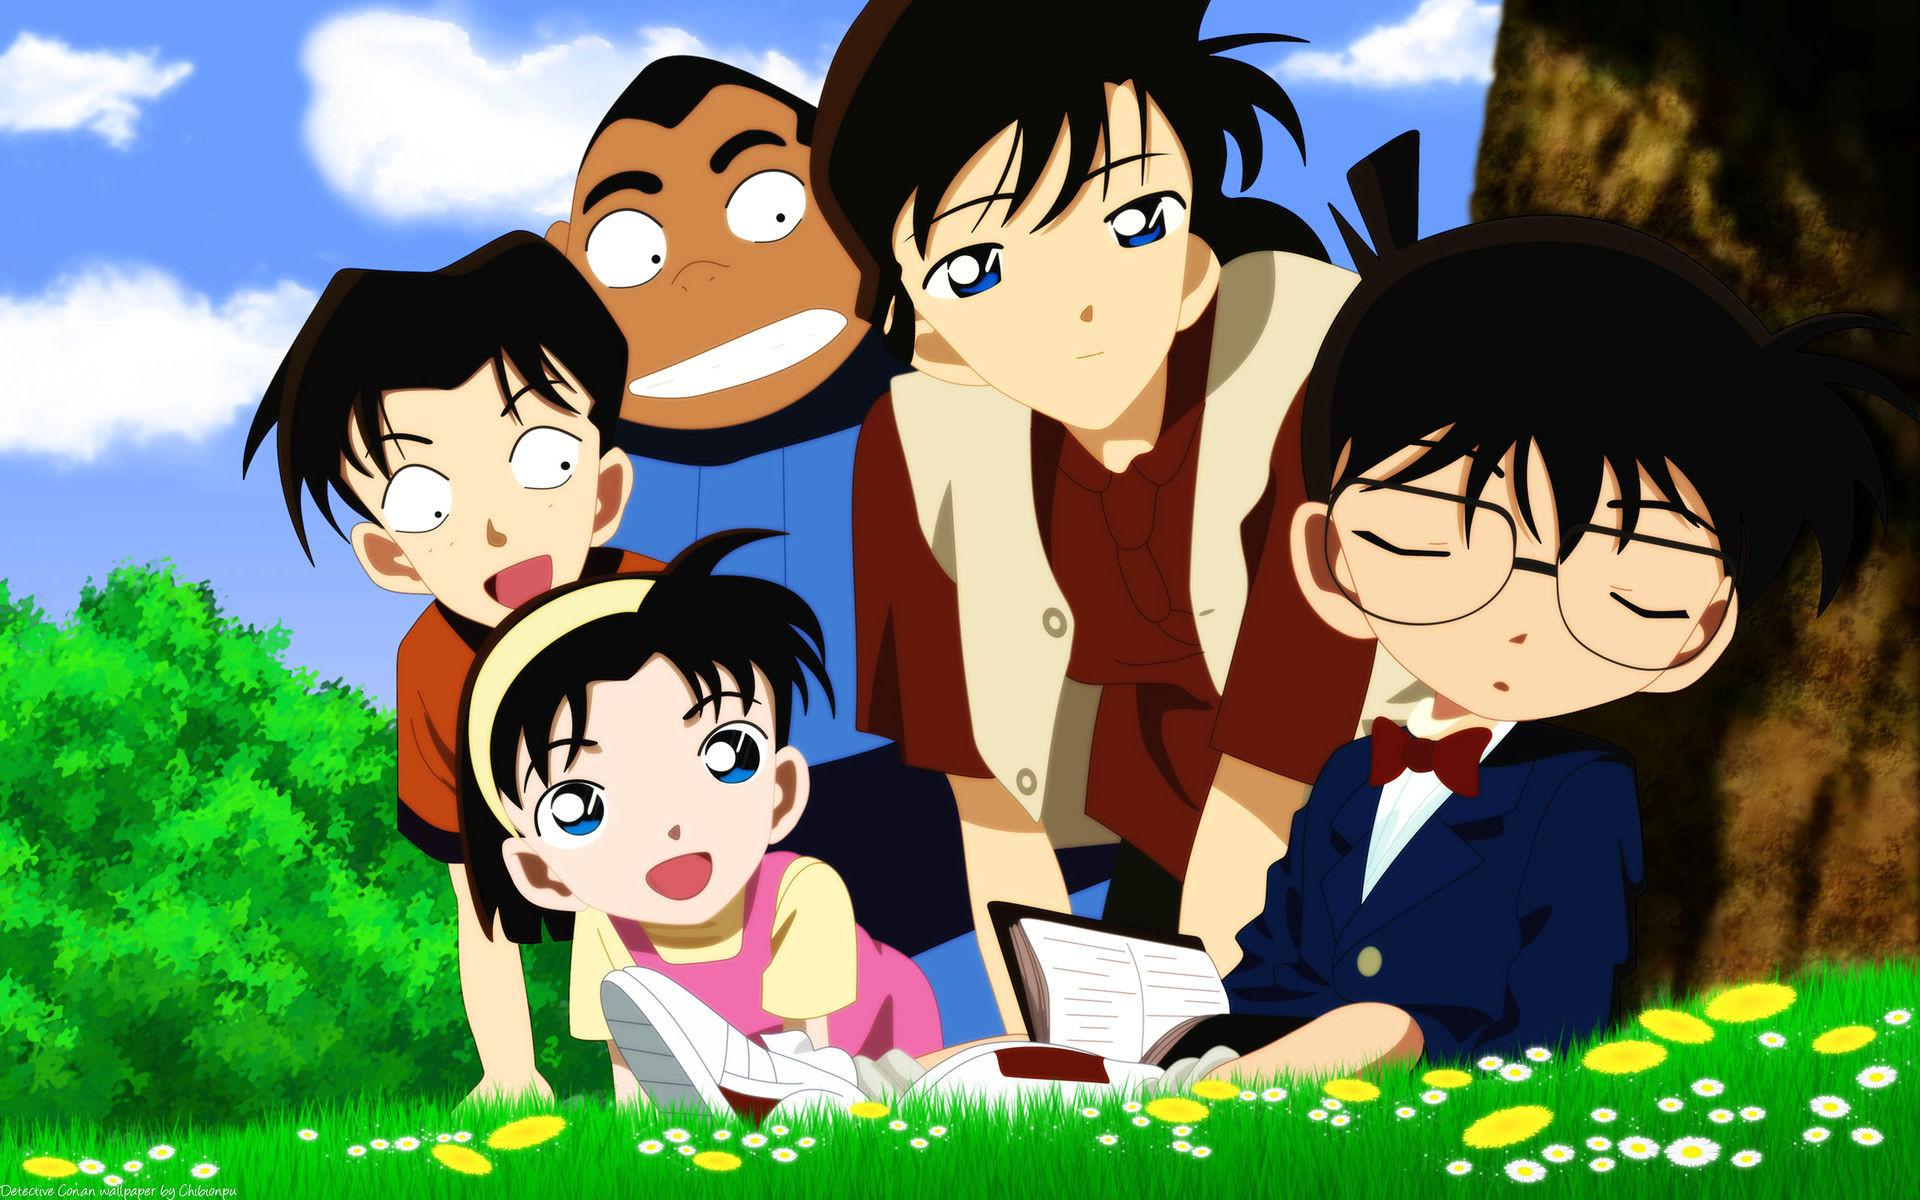 日本经典动漫名侦探柯南唯美图片桌面壁纸高清下载第二辑